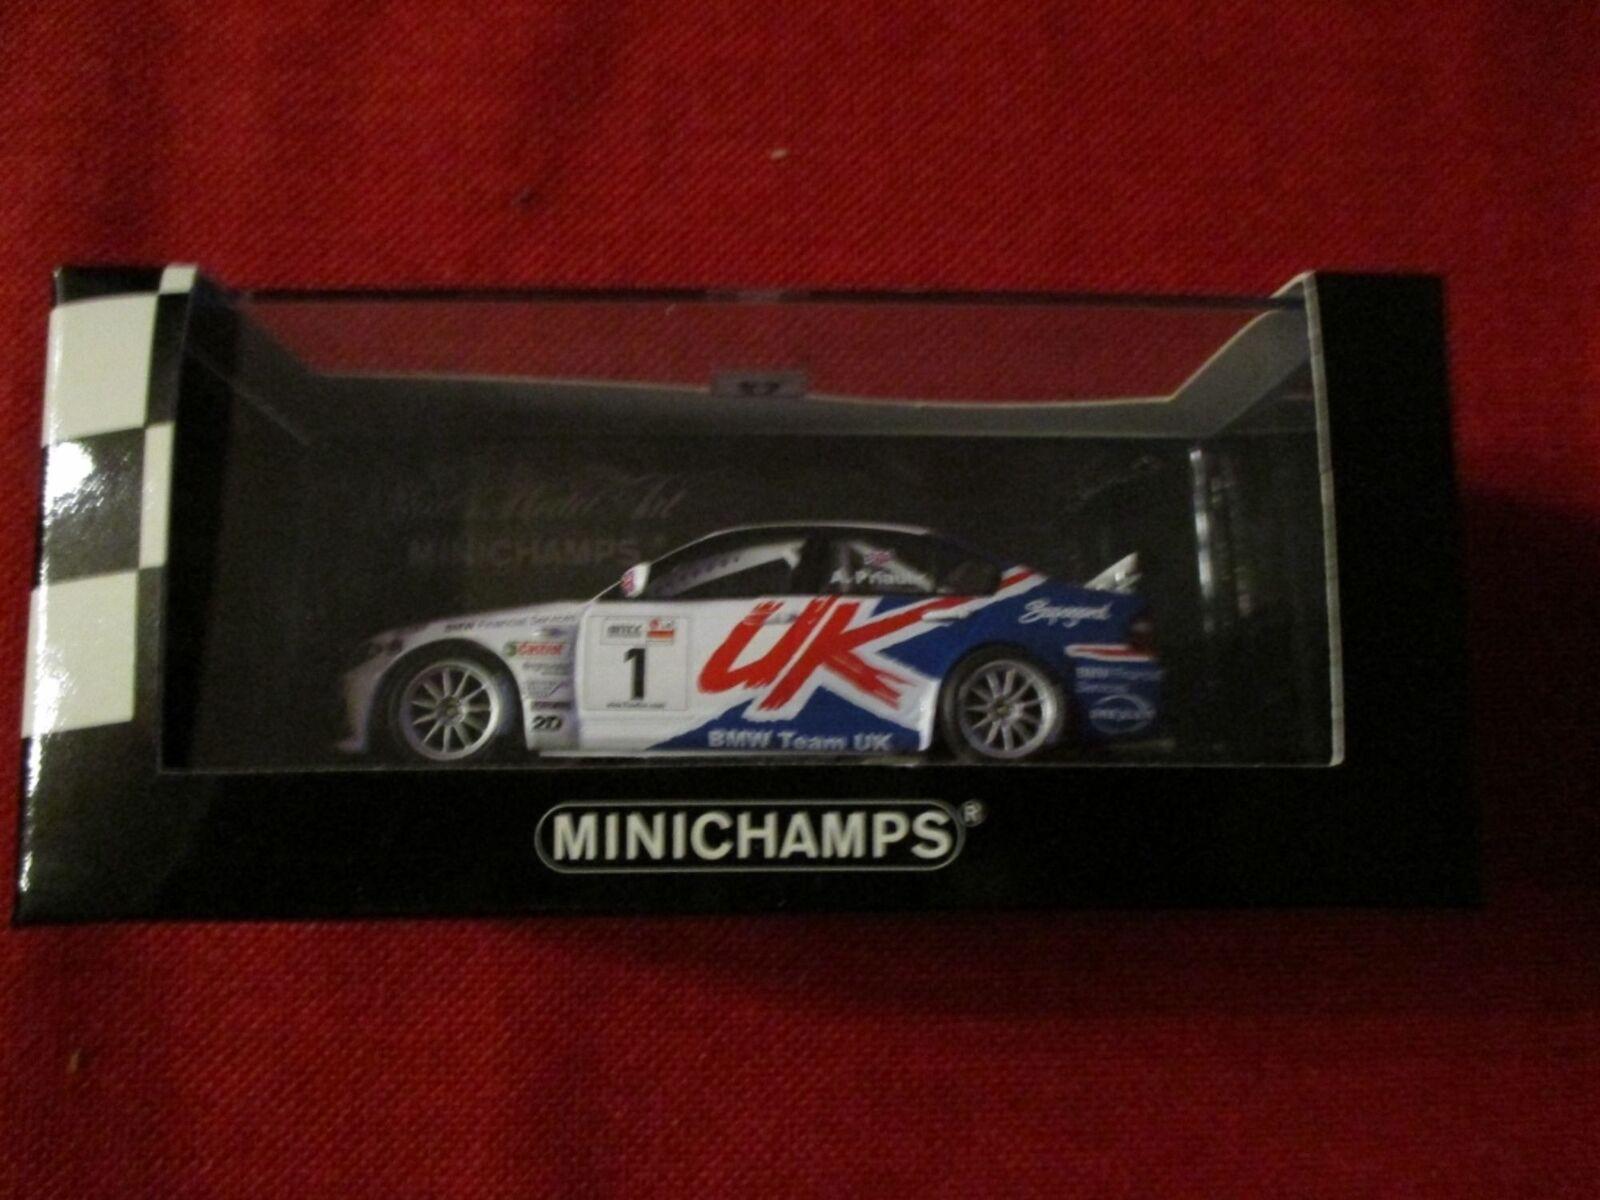 MINICHAMPS ® 400 052401 1 43 BMW 320i BMW Team UK WTCC 2005 Champion  A. Priaulx